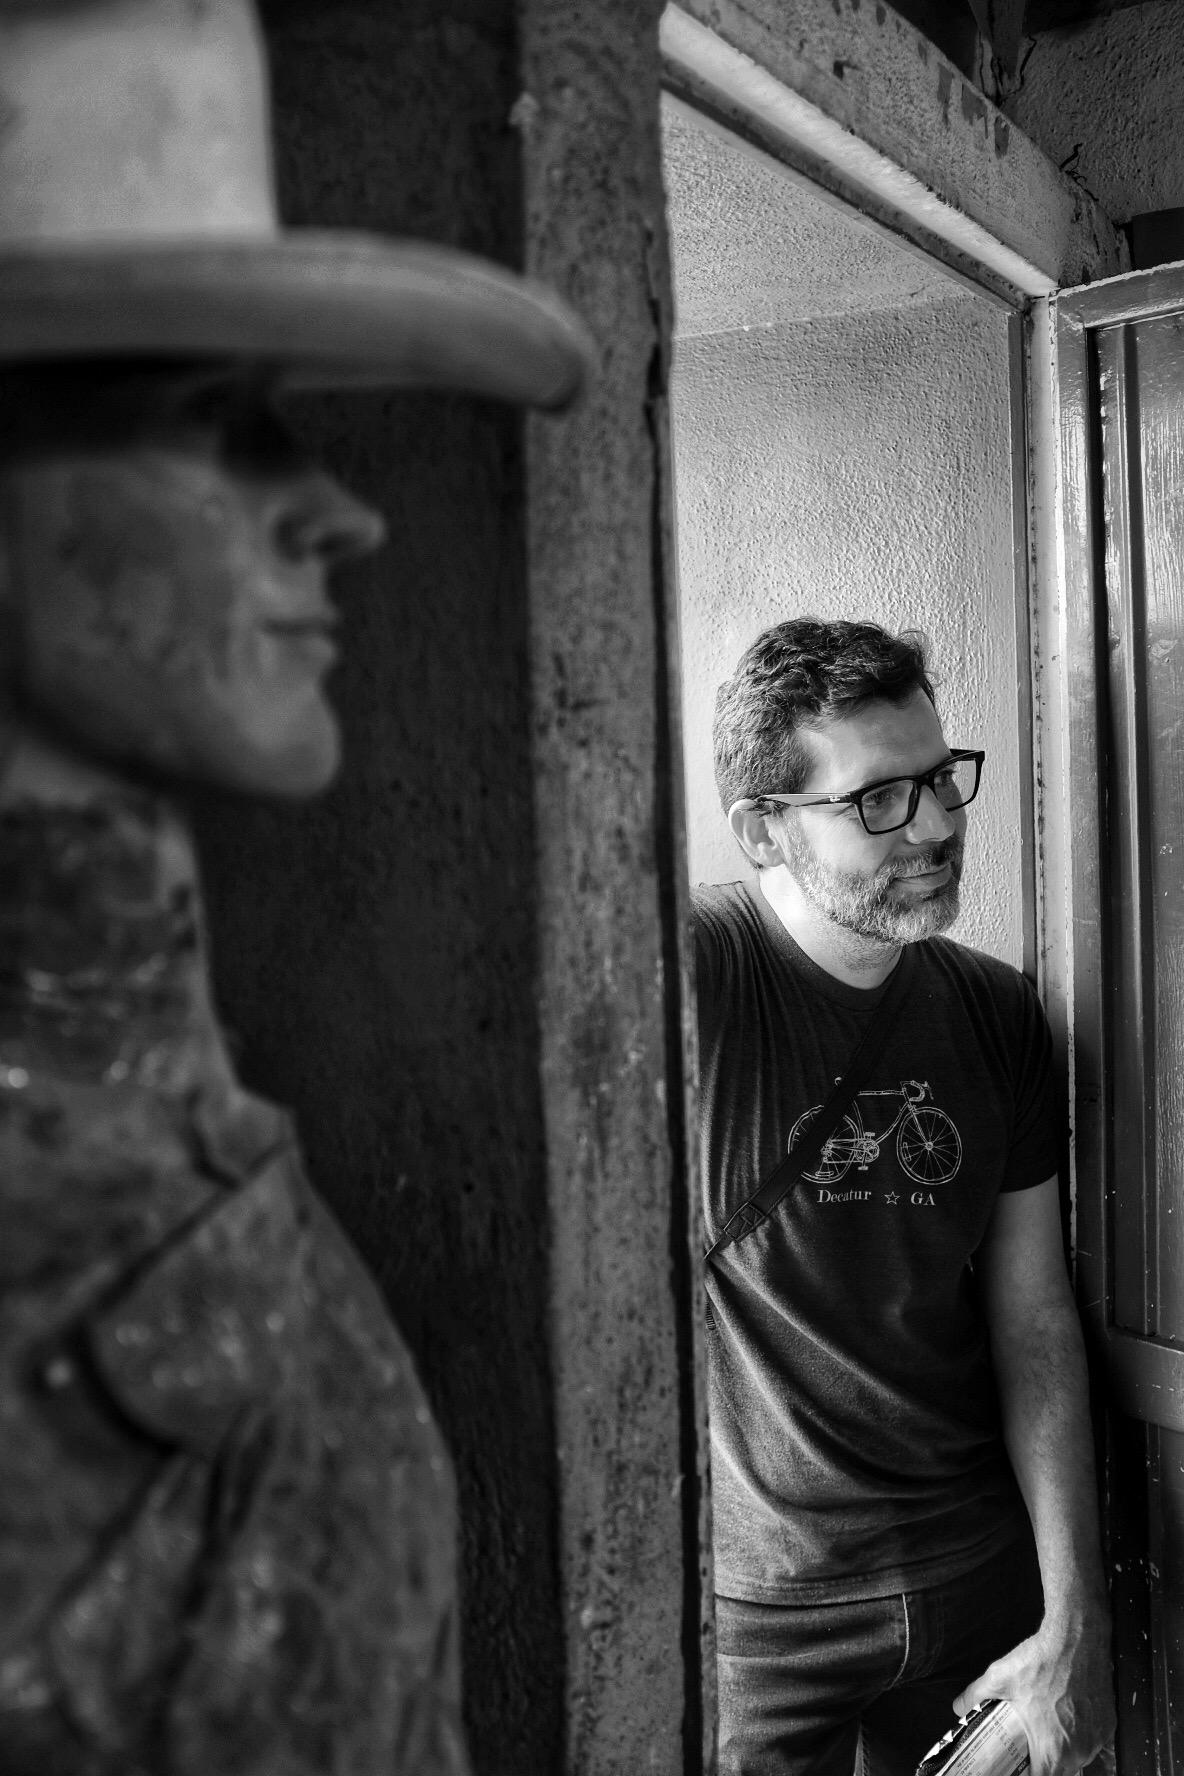 Hiram in the doorway of Frank's workshop